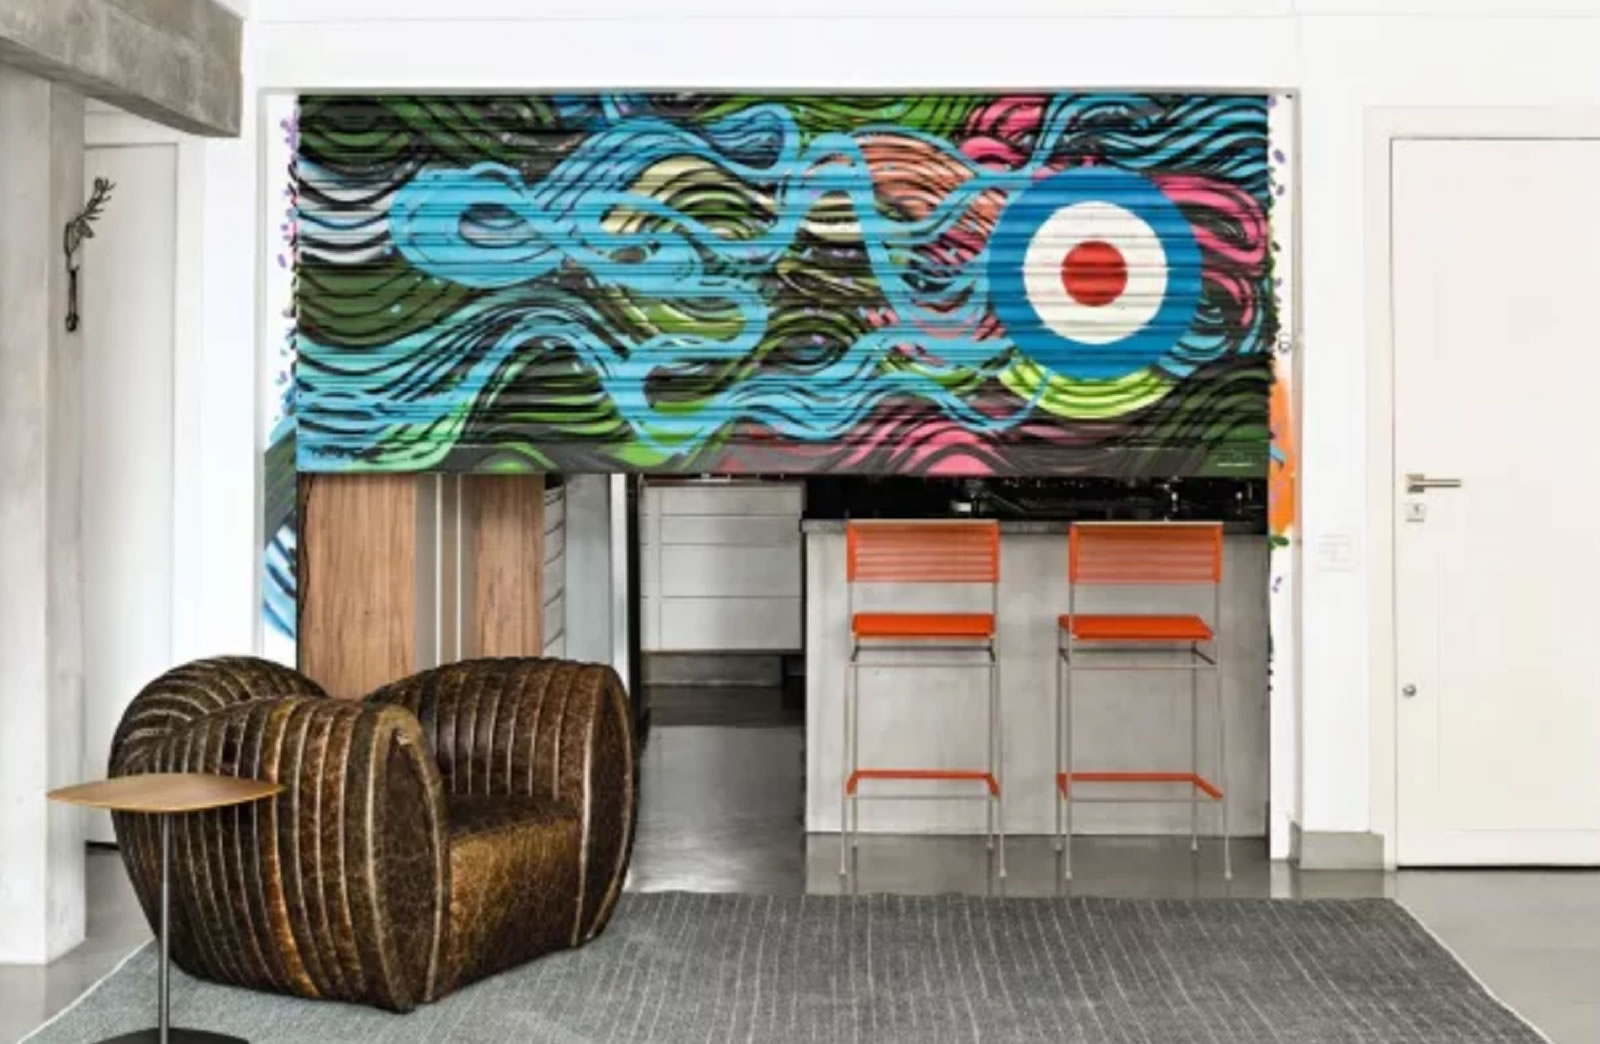 Cusco Rebel - A designer de interiores Simone Casalecchi apostou em um grafite cheio de cores e ondas, que traz sensação de mar. Tapete e mesa lateral da FJ Pronto pra Levar! (Foto Edu Castello/Editora Globo)